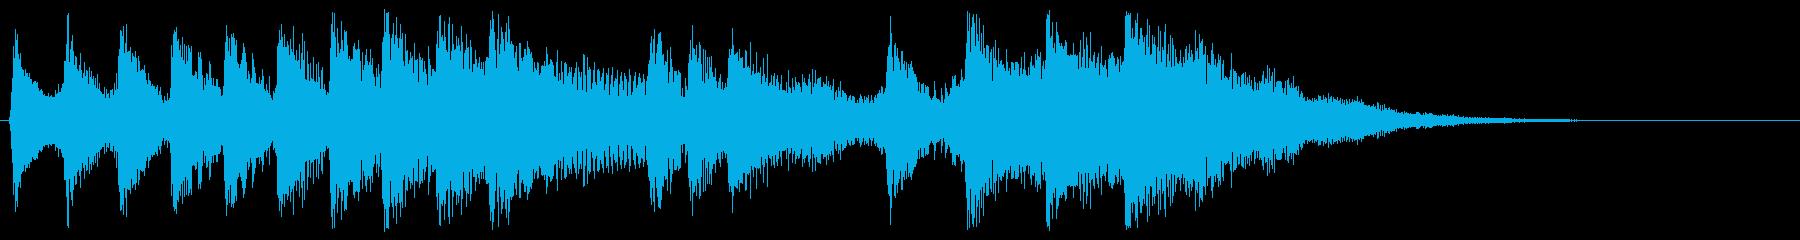 レトロなゲームオーバー音 ミス 残念な時の再生済みの波形